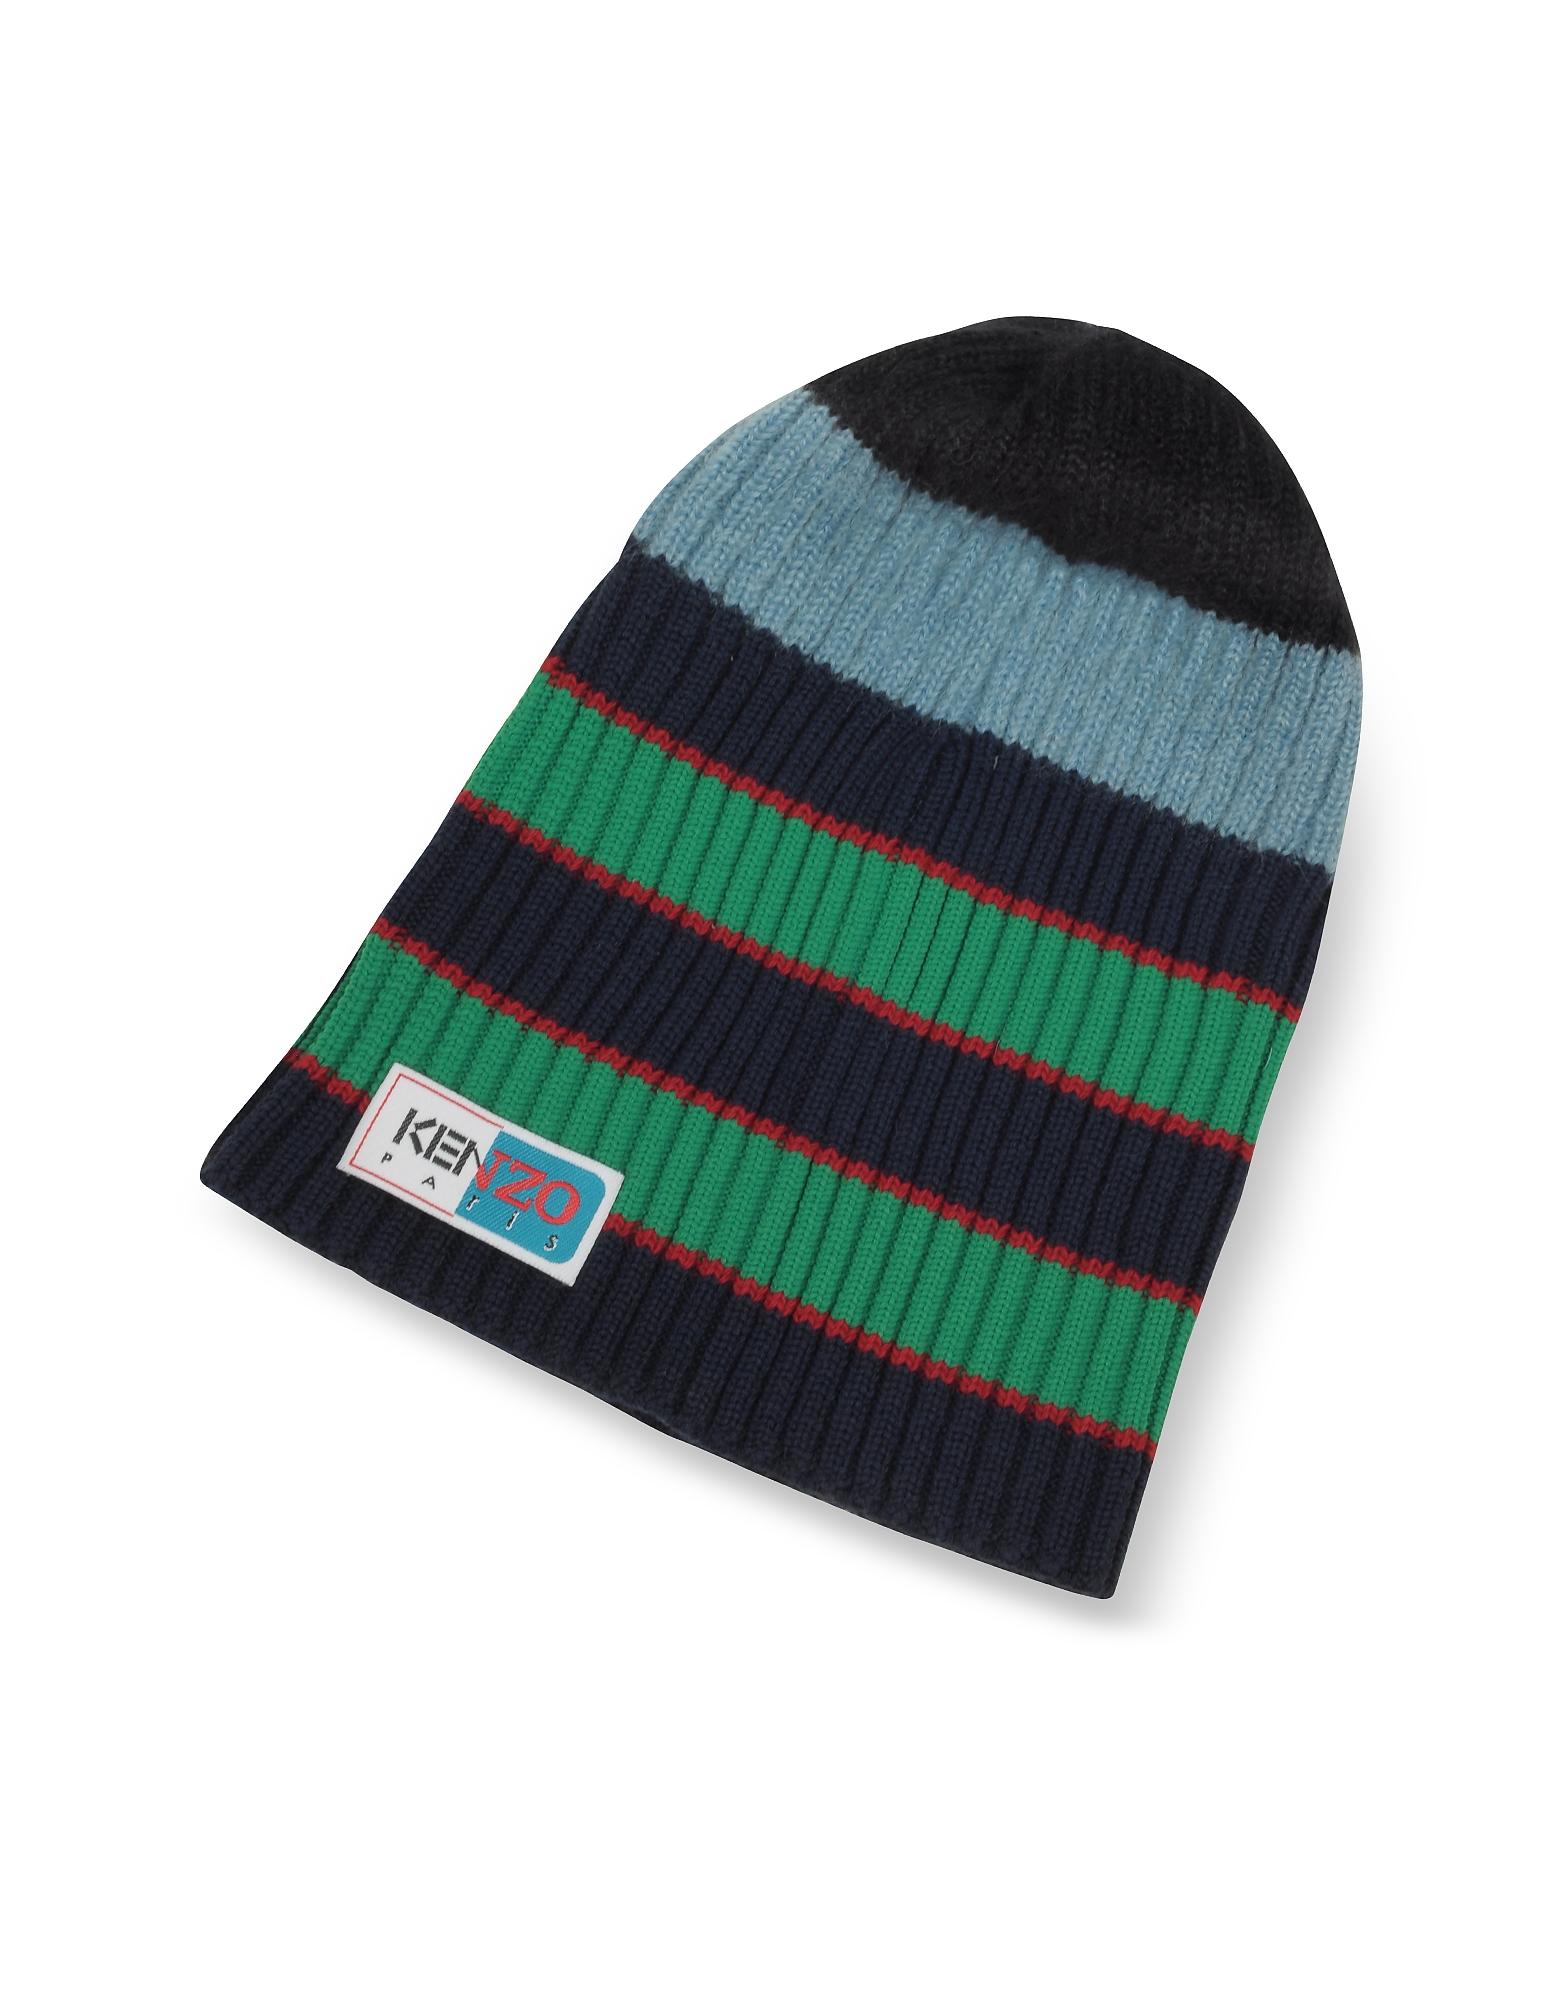 Kenzo Men's Hats, Blue Stripy Wool Beanie